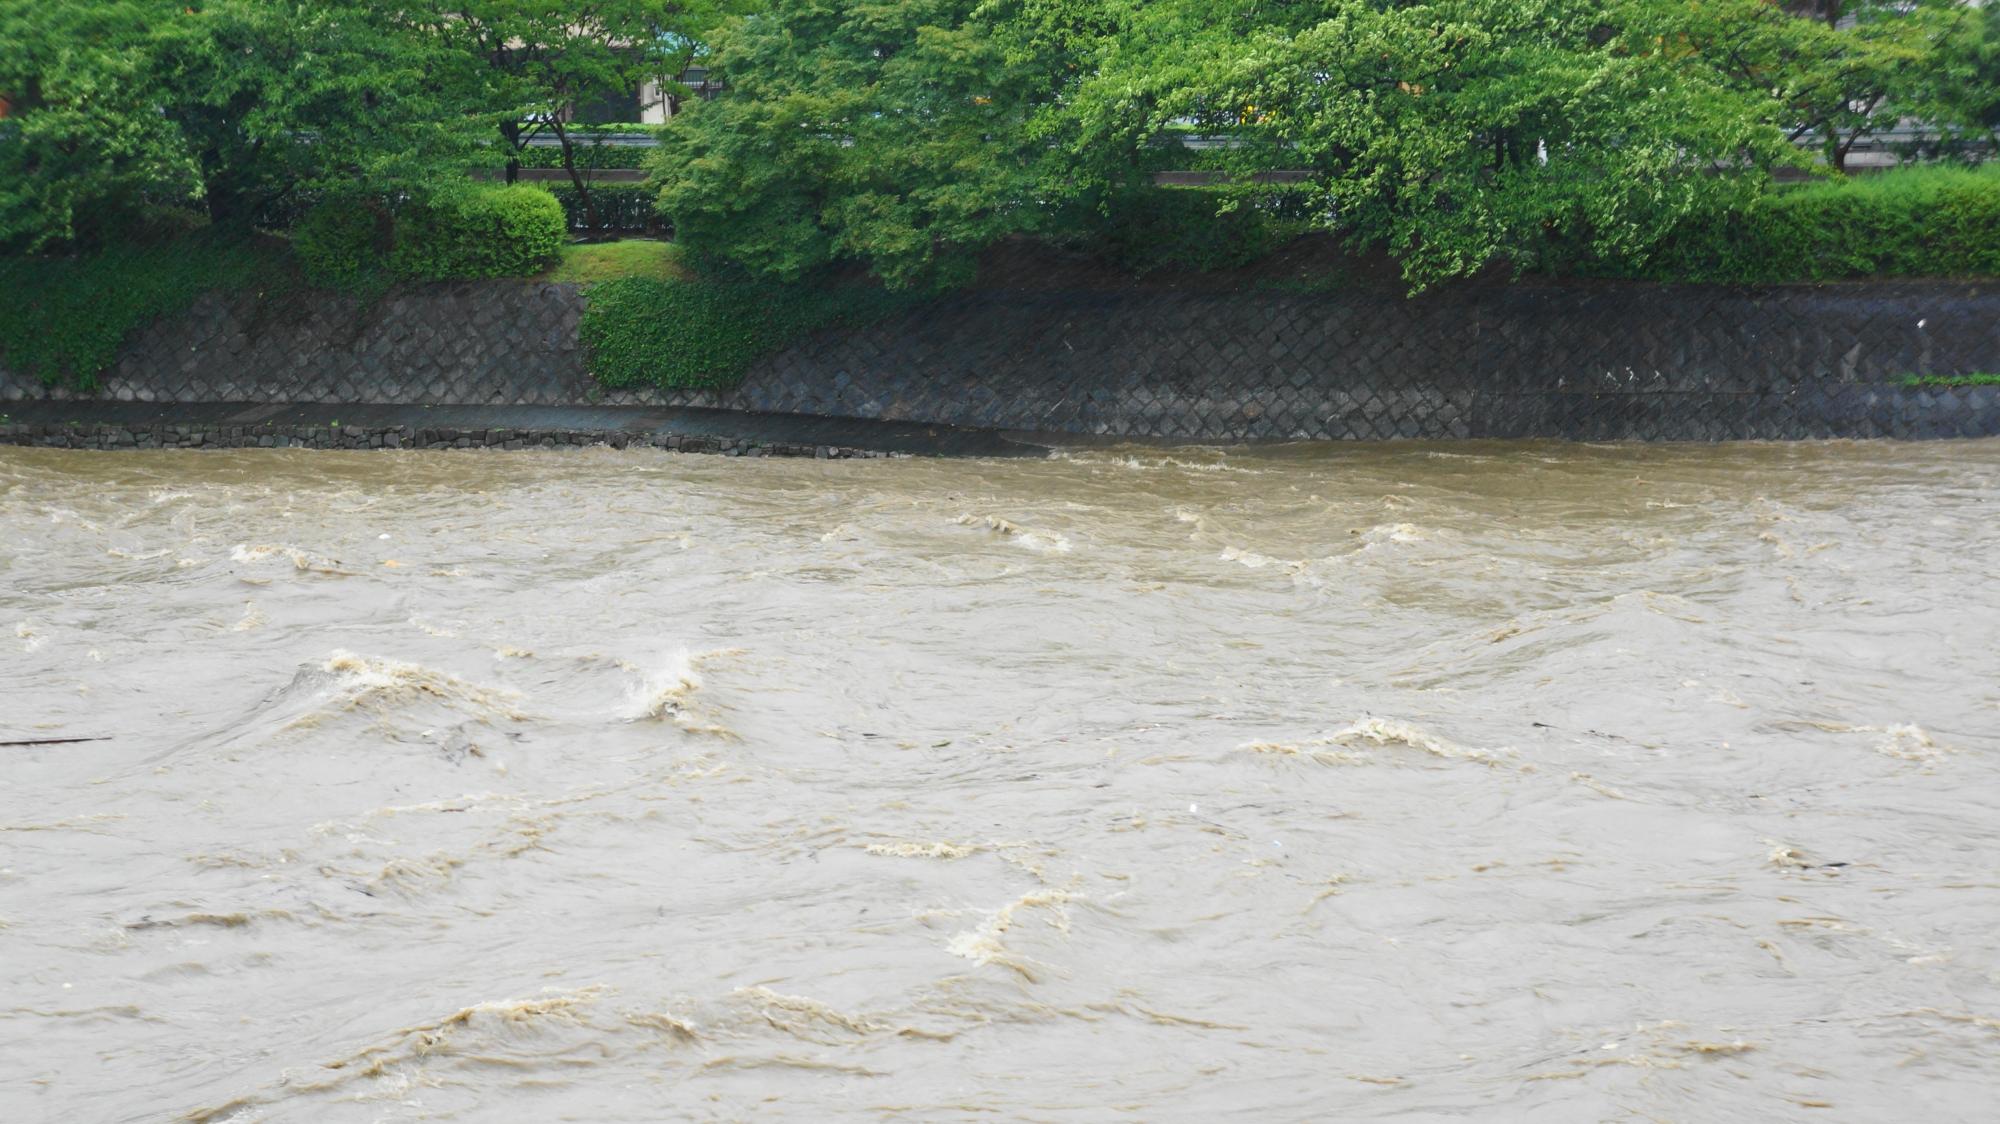 歩道は完全に水に浸かり危険な状態の鴨川